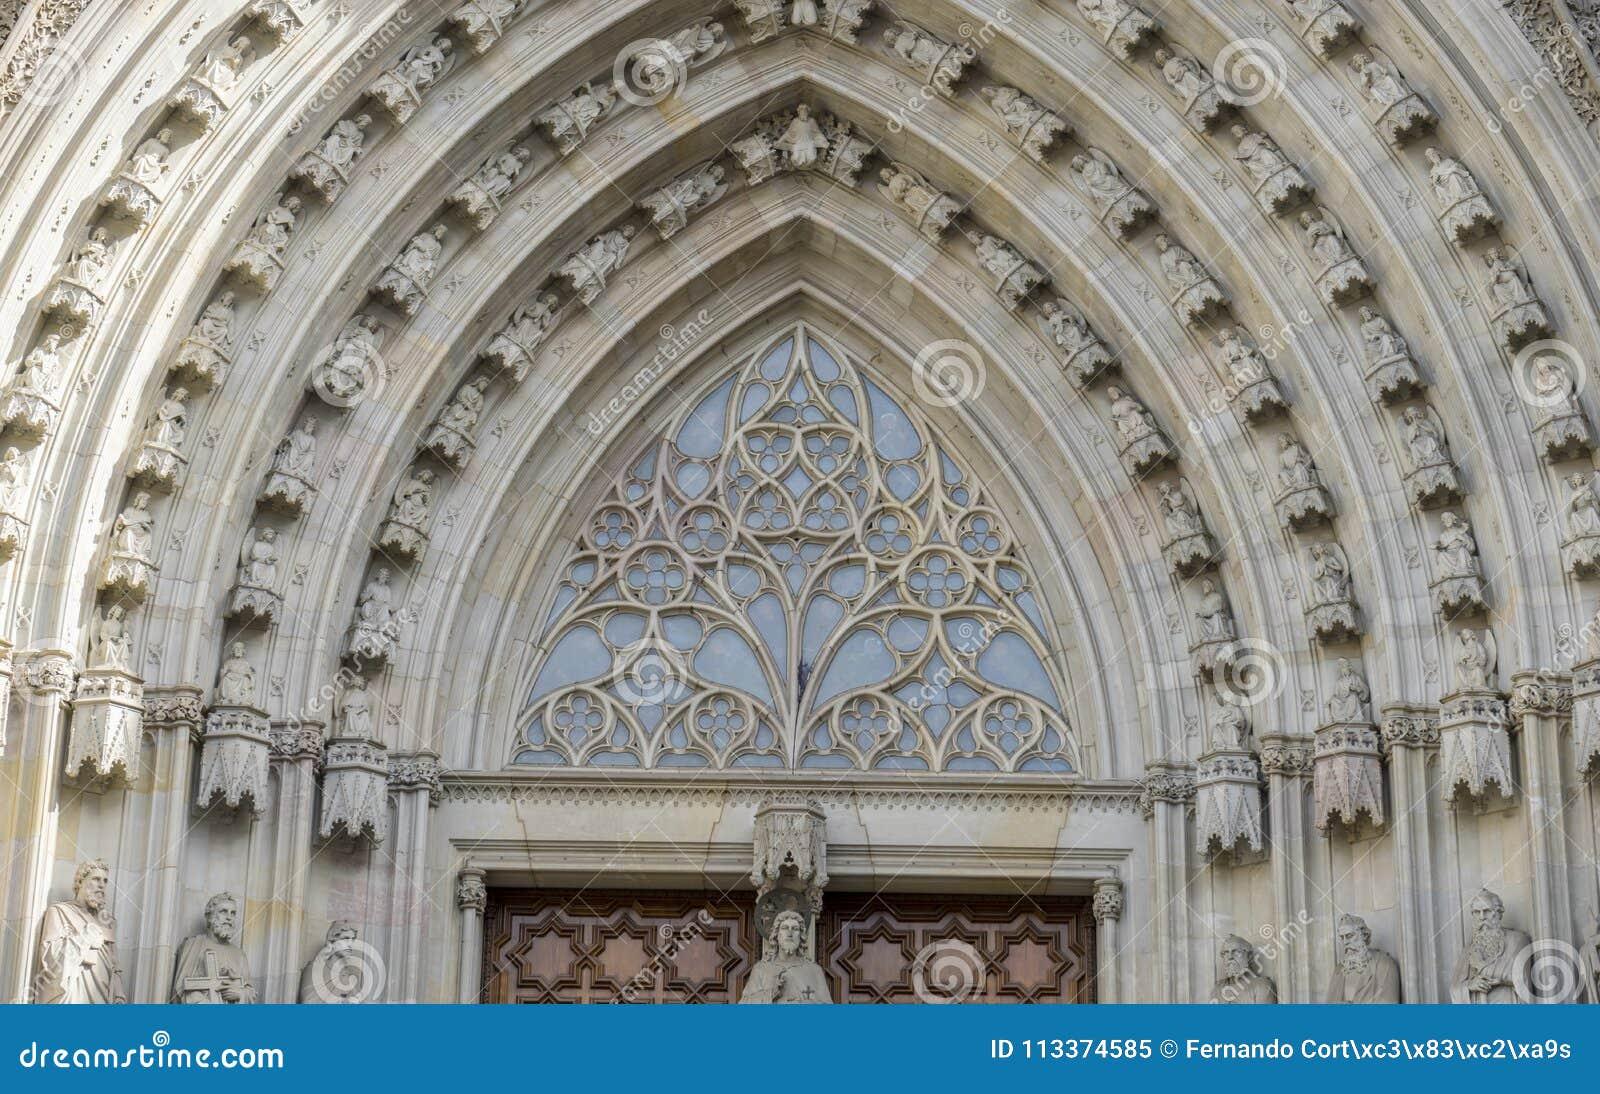 Główna brama, Gocki Katolicki Katedralny Fasadowy Barcelona Catalonia